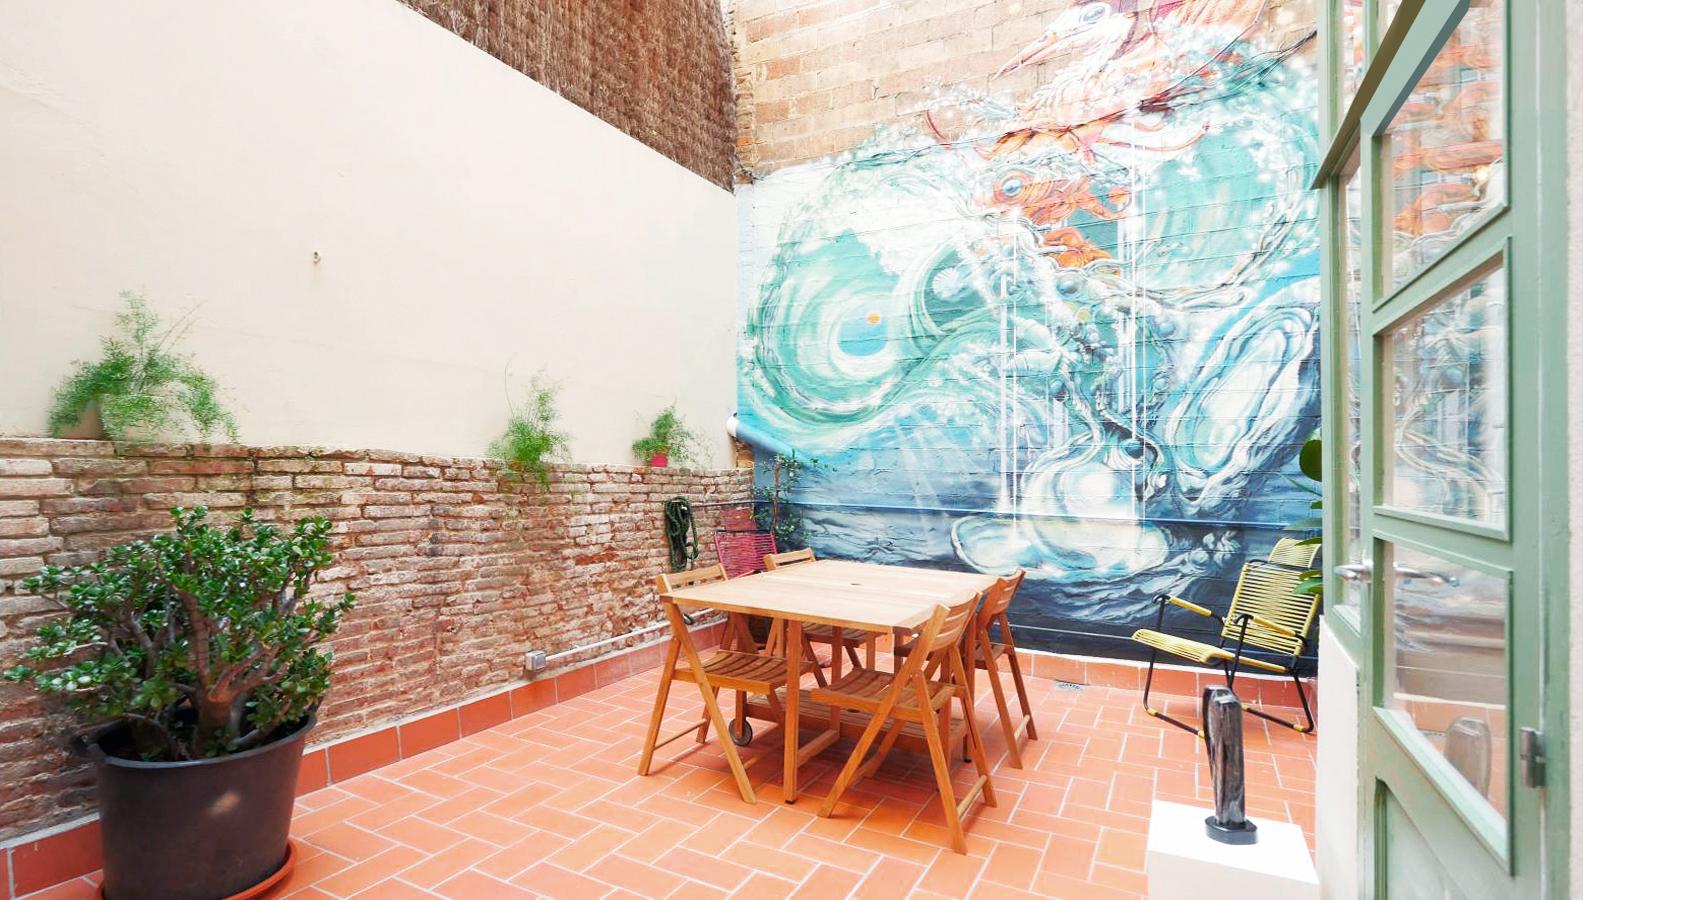 pintura mural patio